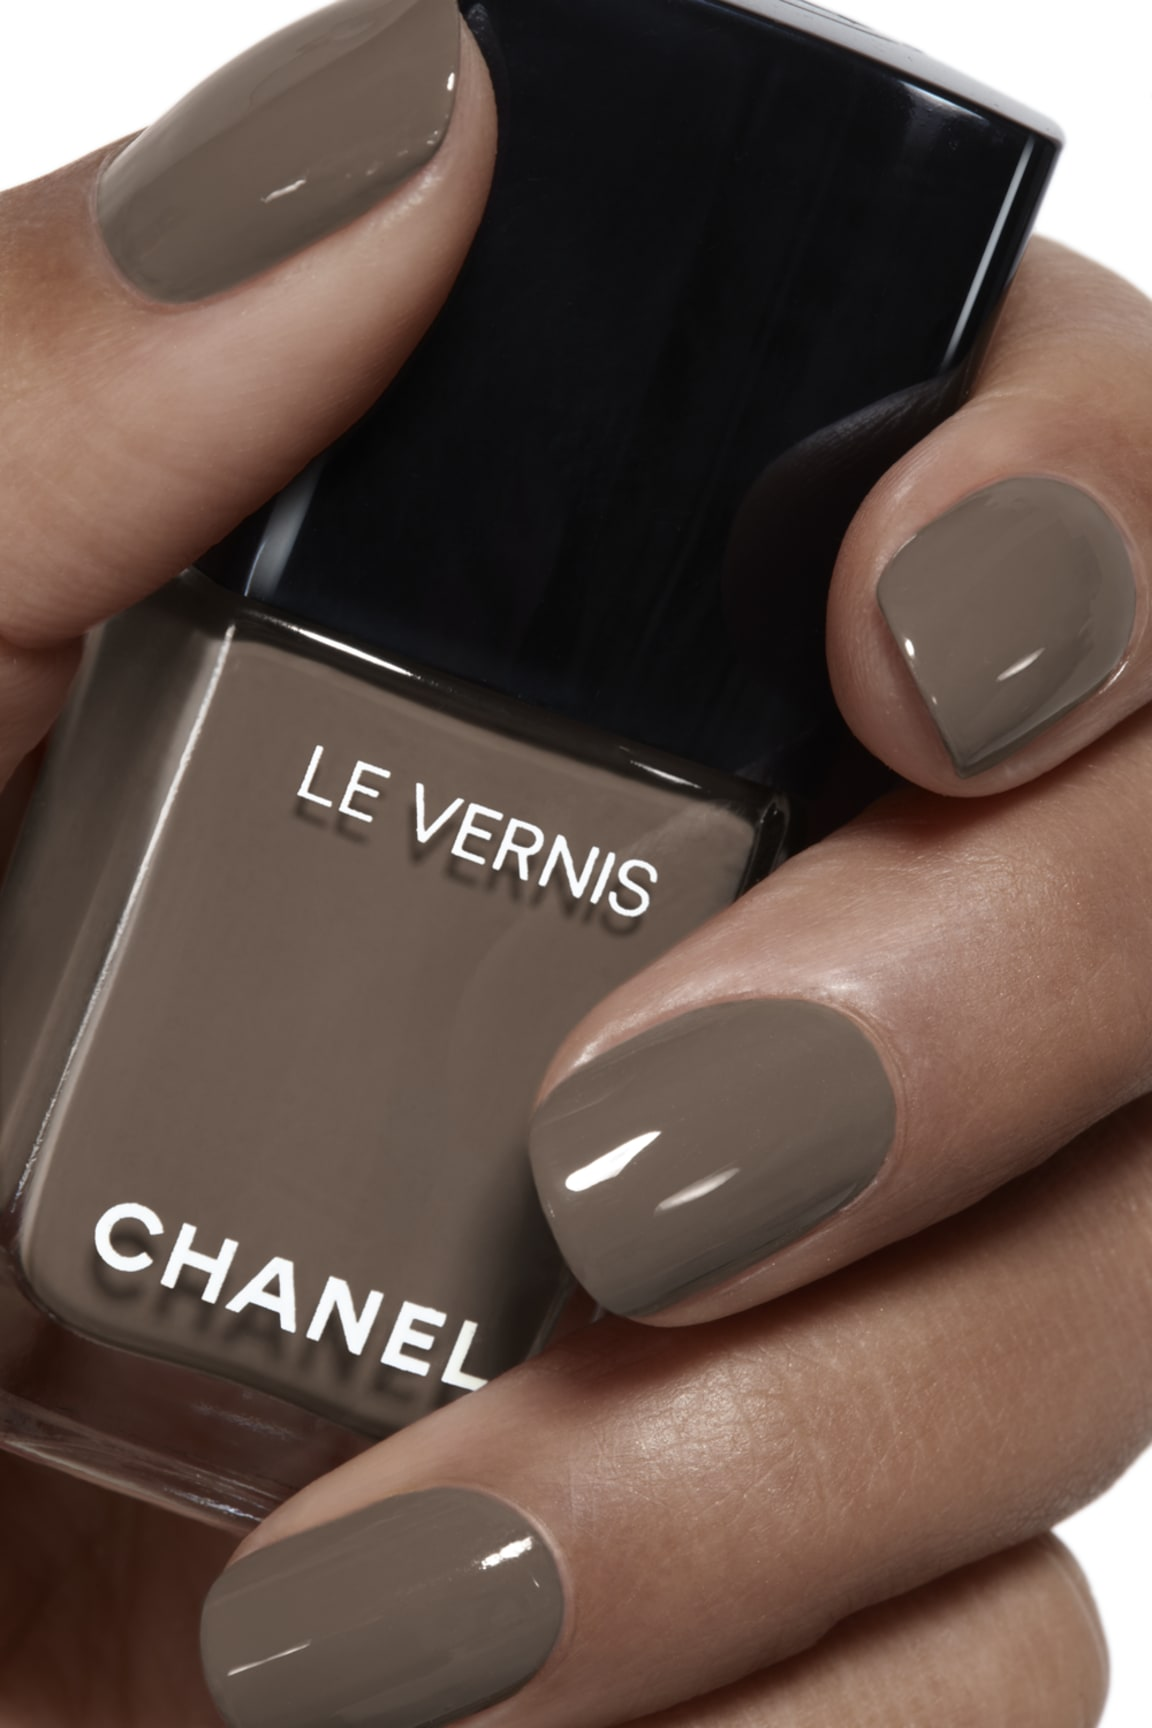 Пример нанесения макияжа 1 - LE VERNIS 905 - BRUN FUMÉ